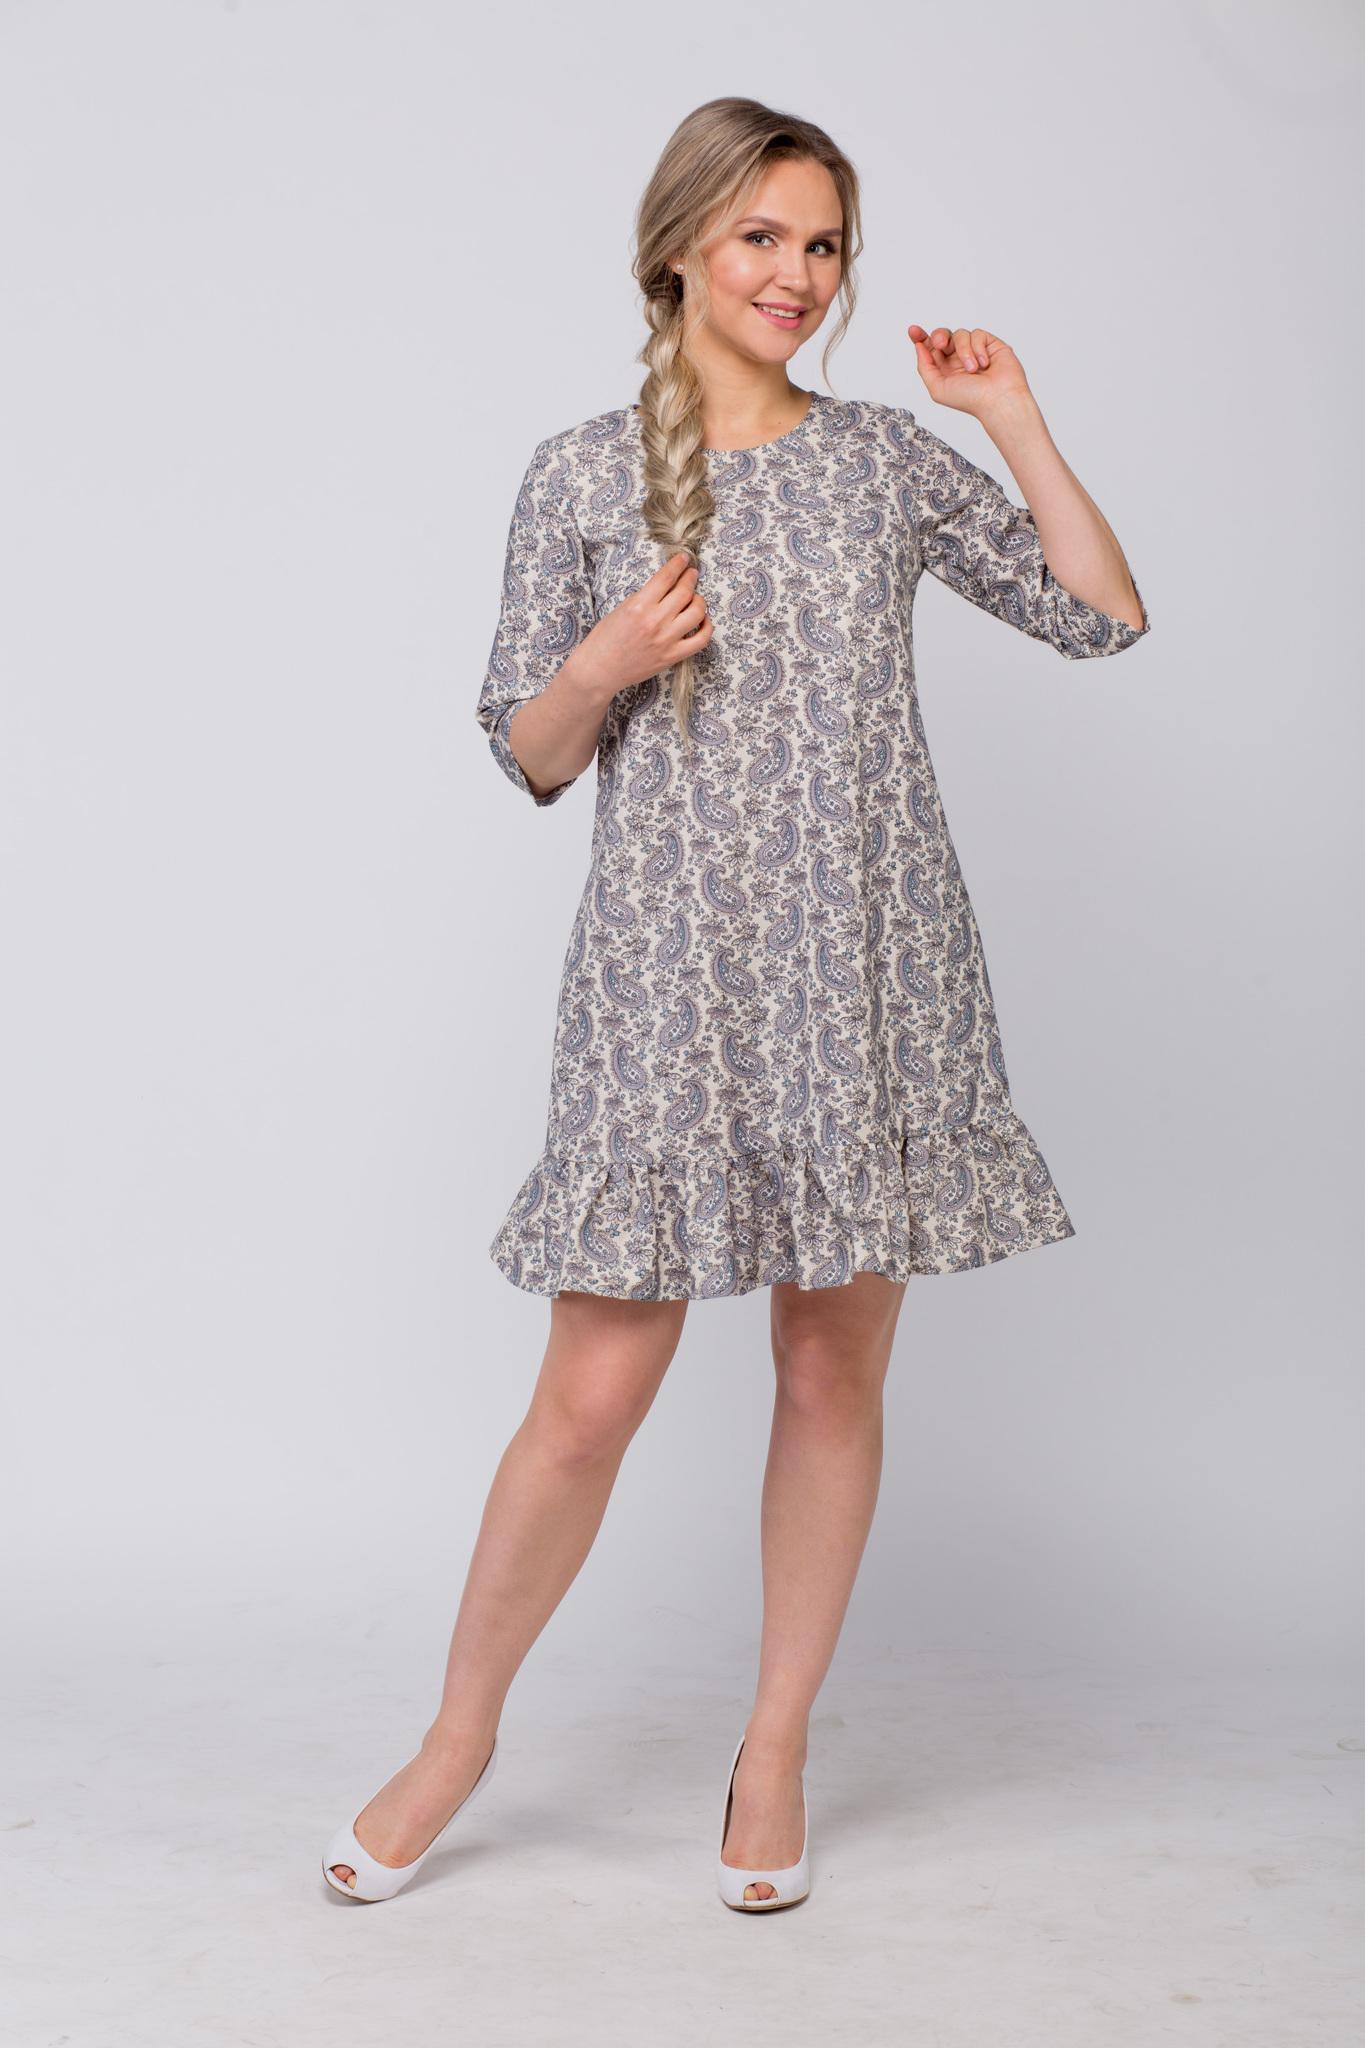 Платье льняное Огурцы от Иванки